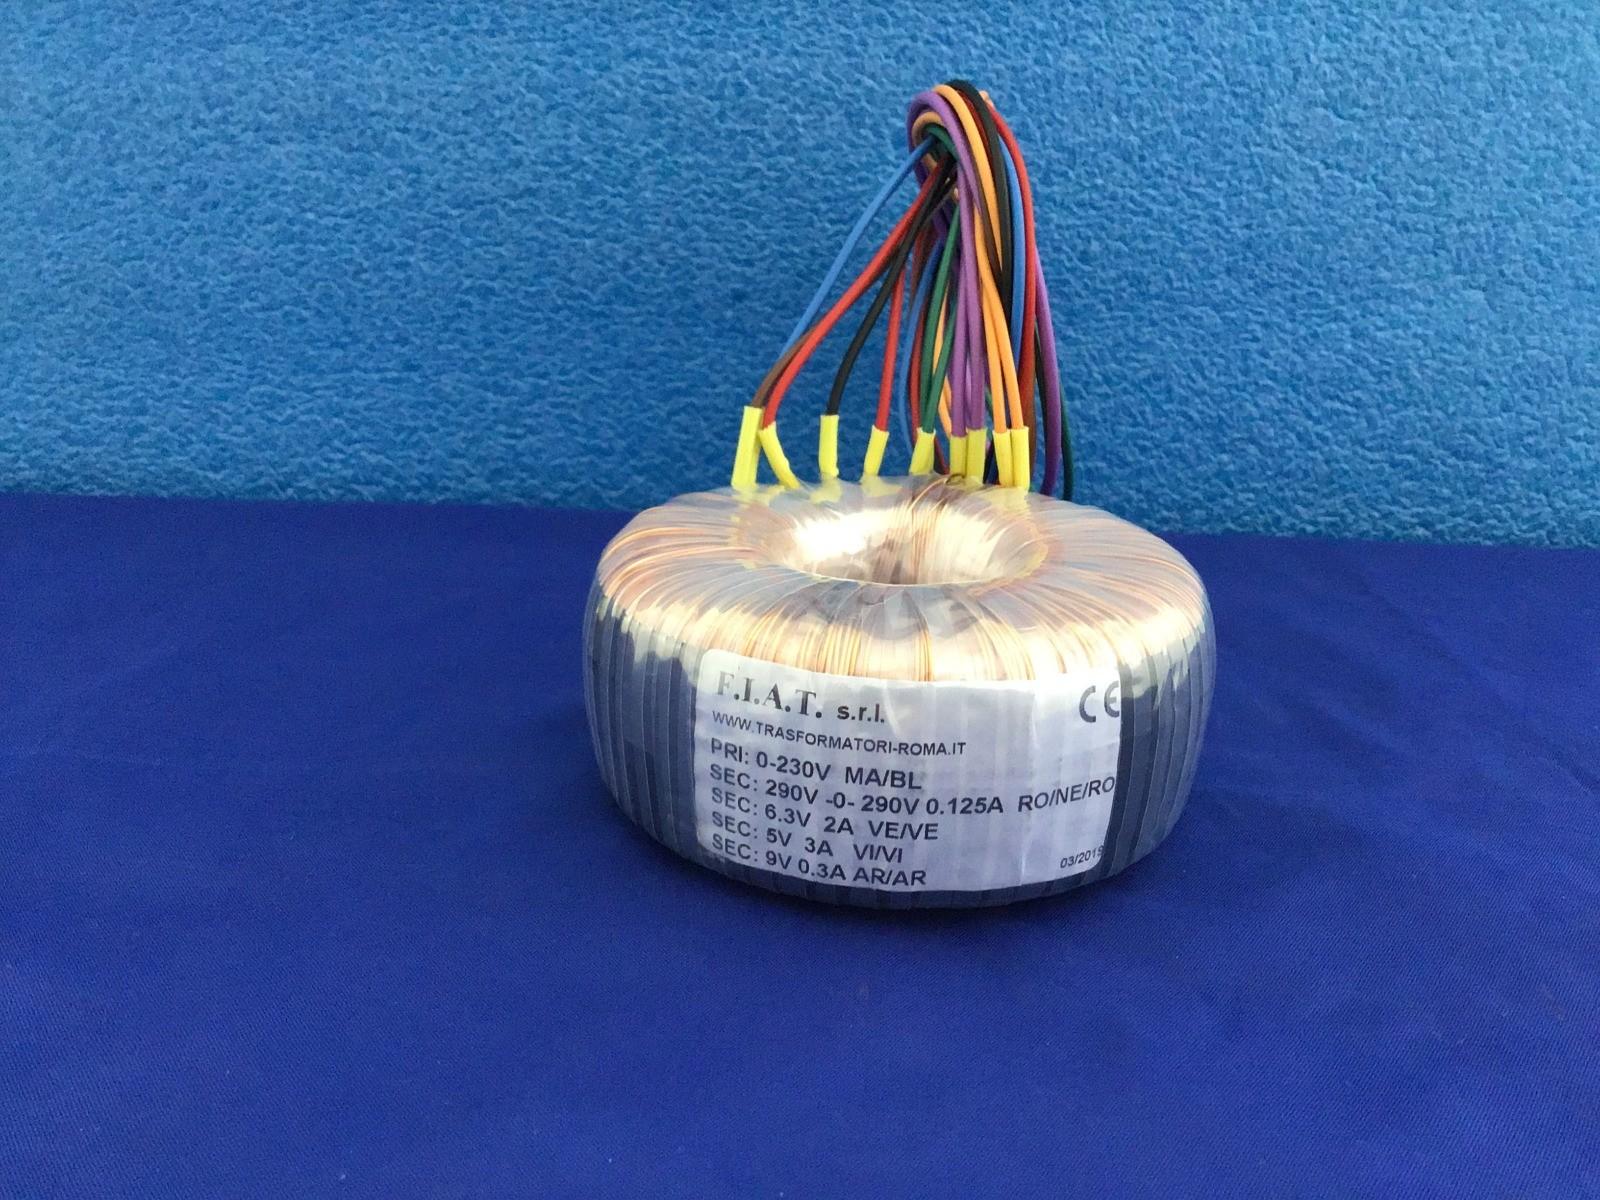 Produzione di Componenti Magnetici Made in Italy – F.I.A.T Srl